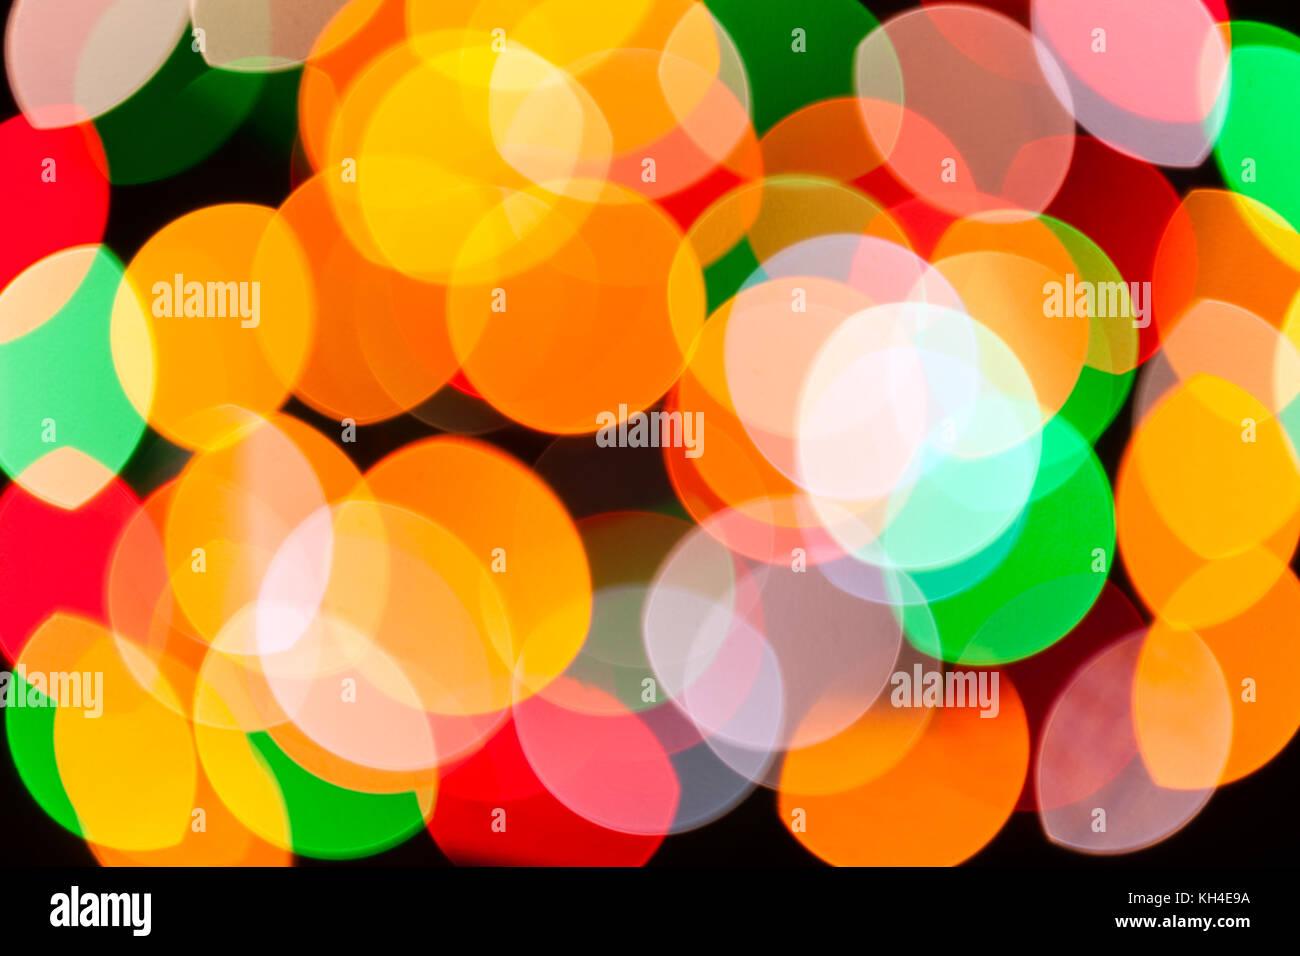 Brillante y colorida fiesta borrosa luces navideñas textura de fondo abstracto concepto para la fiesta de año nuevo de navidad luces estroboscópicas rave psychedelic discoteca Foto de stock